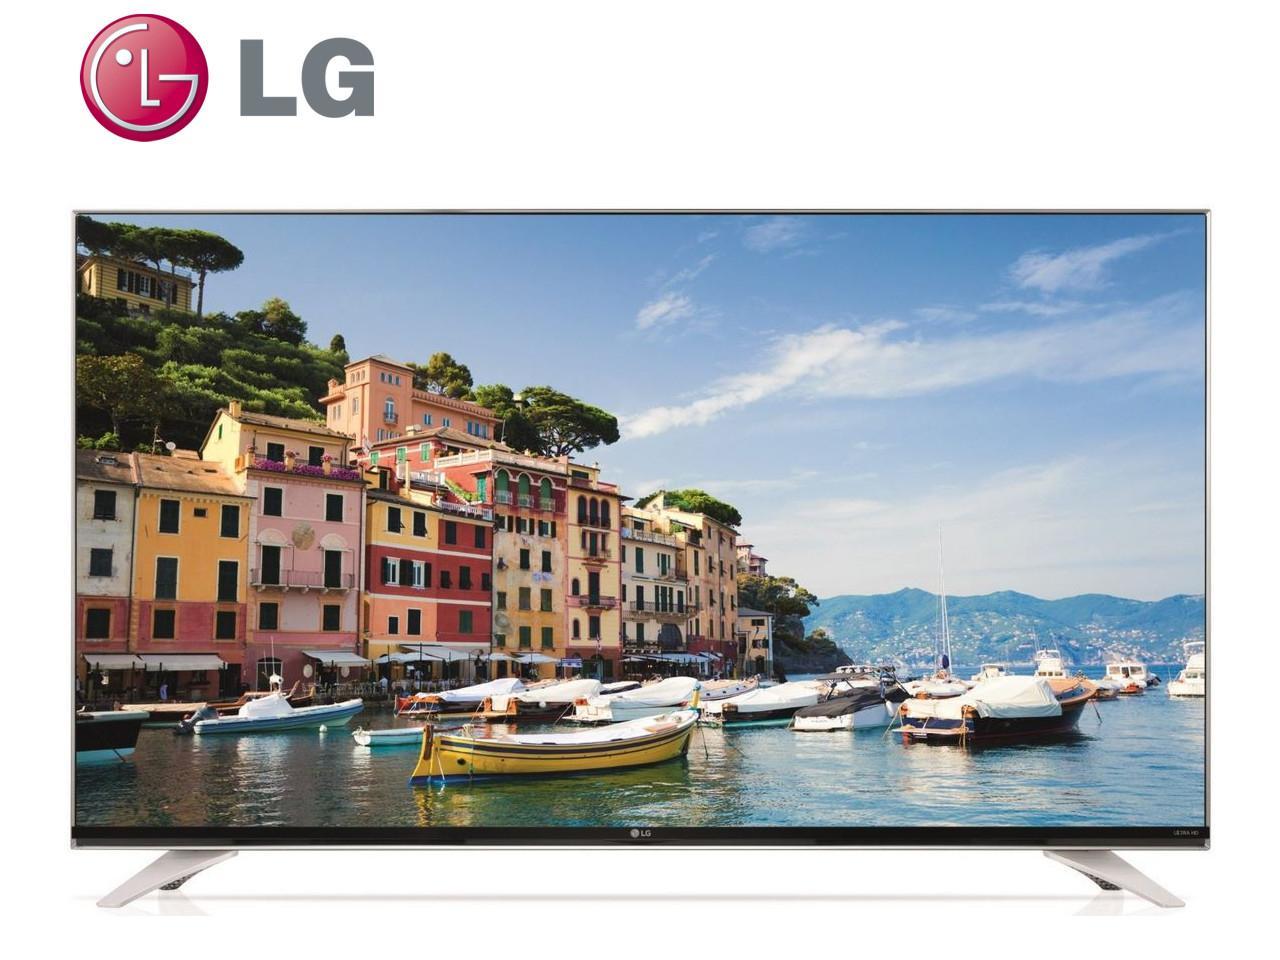 LG 55UF8409 + 700 Kč na dárky nebo další nákup | CHAT on-line podpora PO-PÁ 8-22.00!!